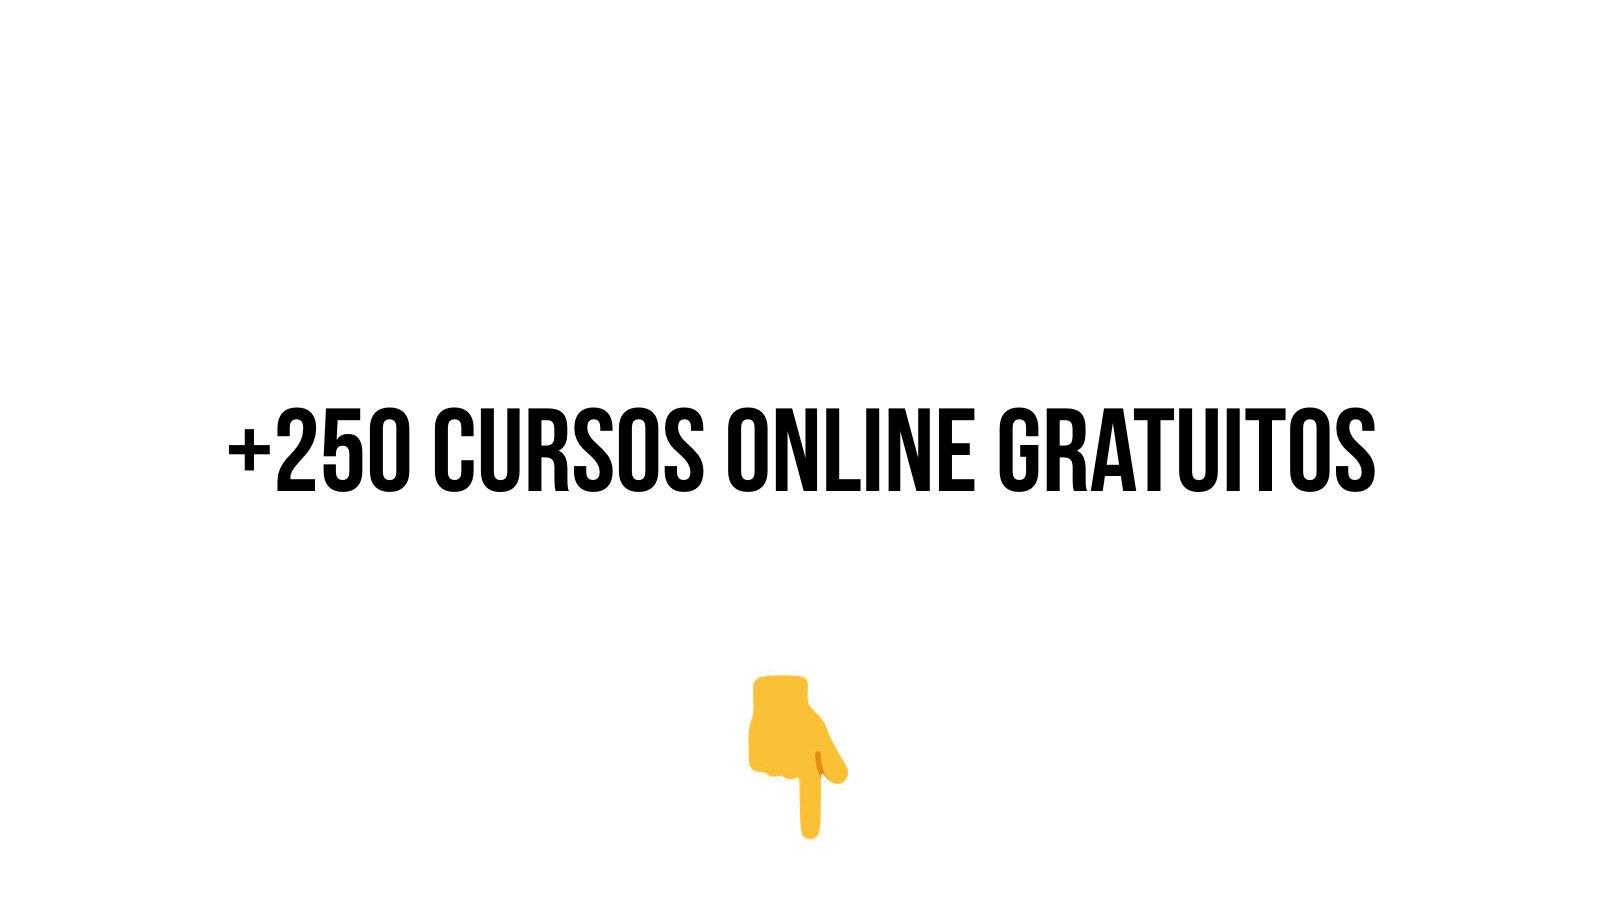 250 Cursos Online Gratuitos Para Hacer En Mayo 2020